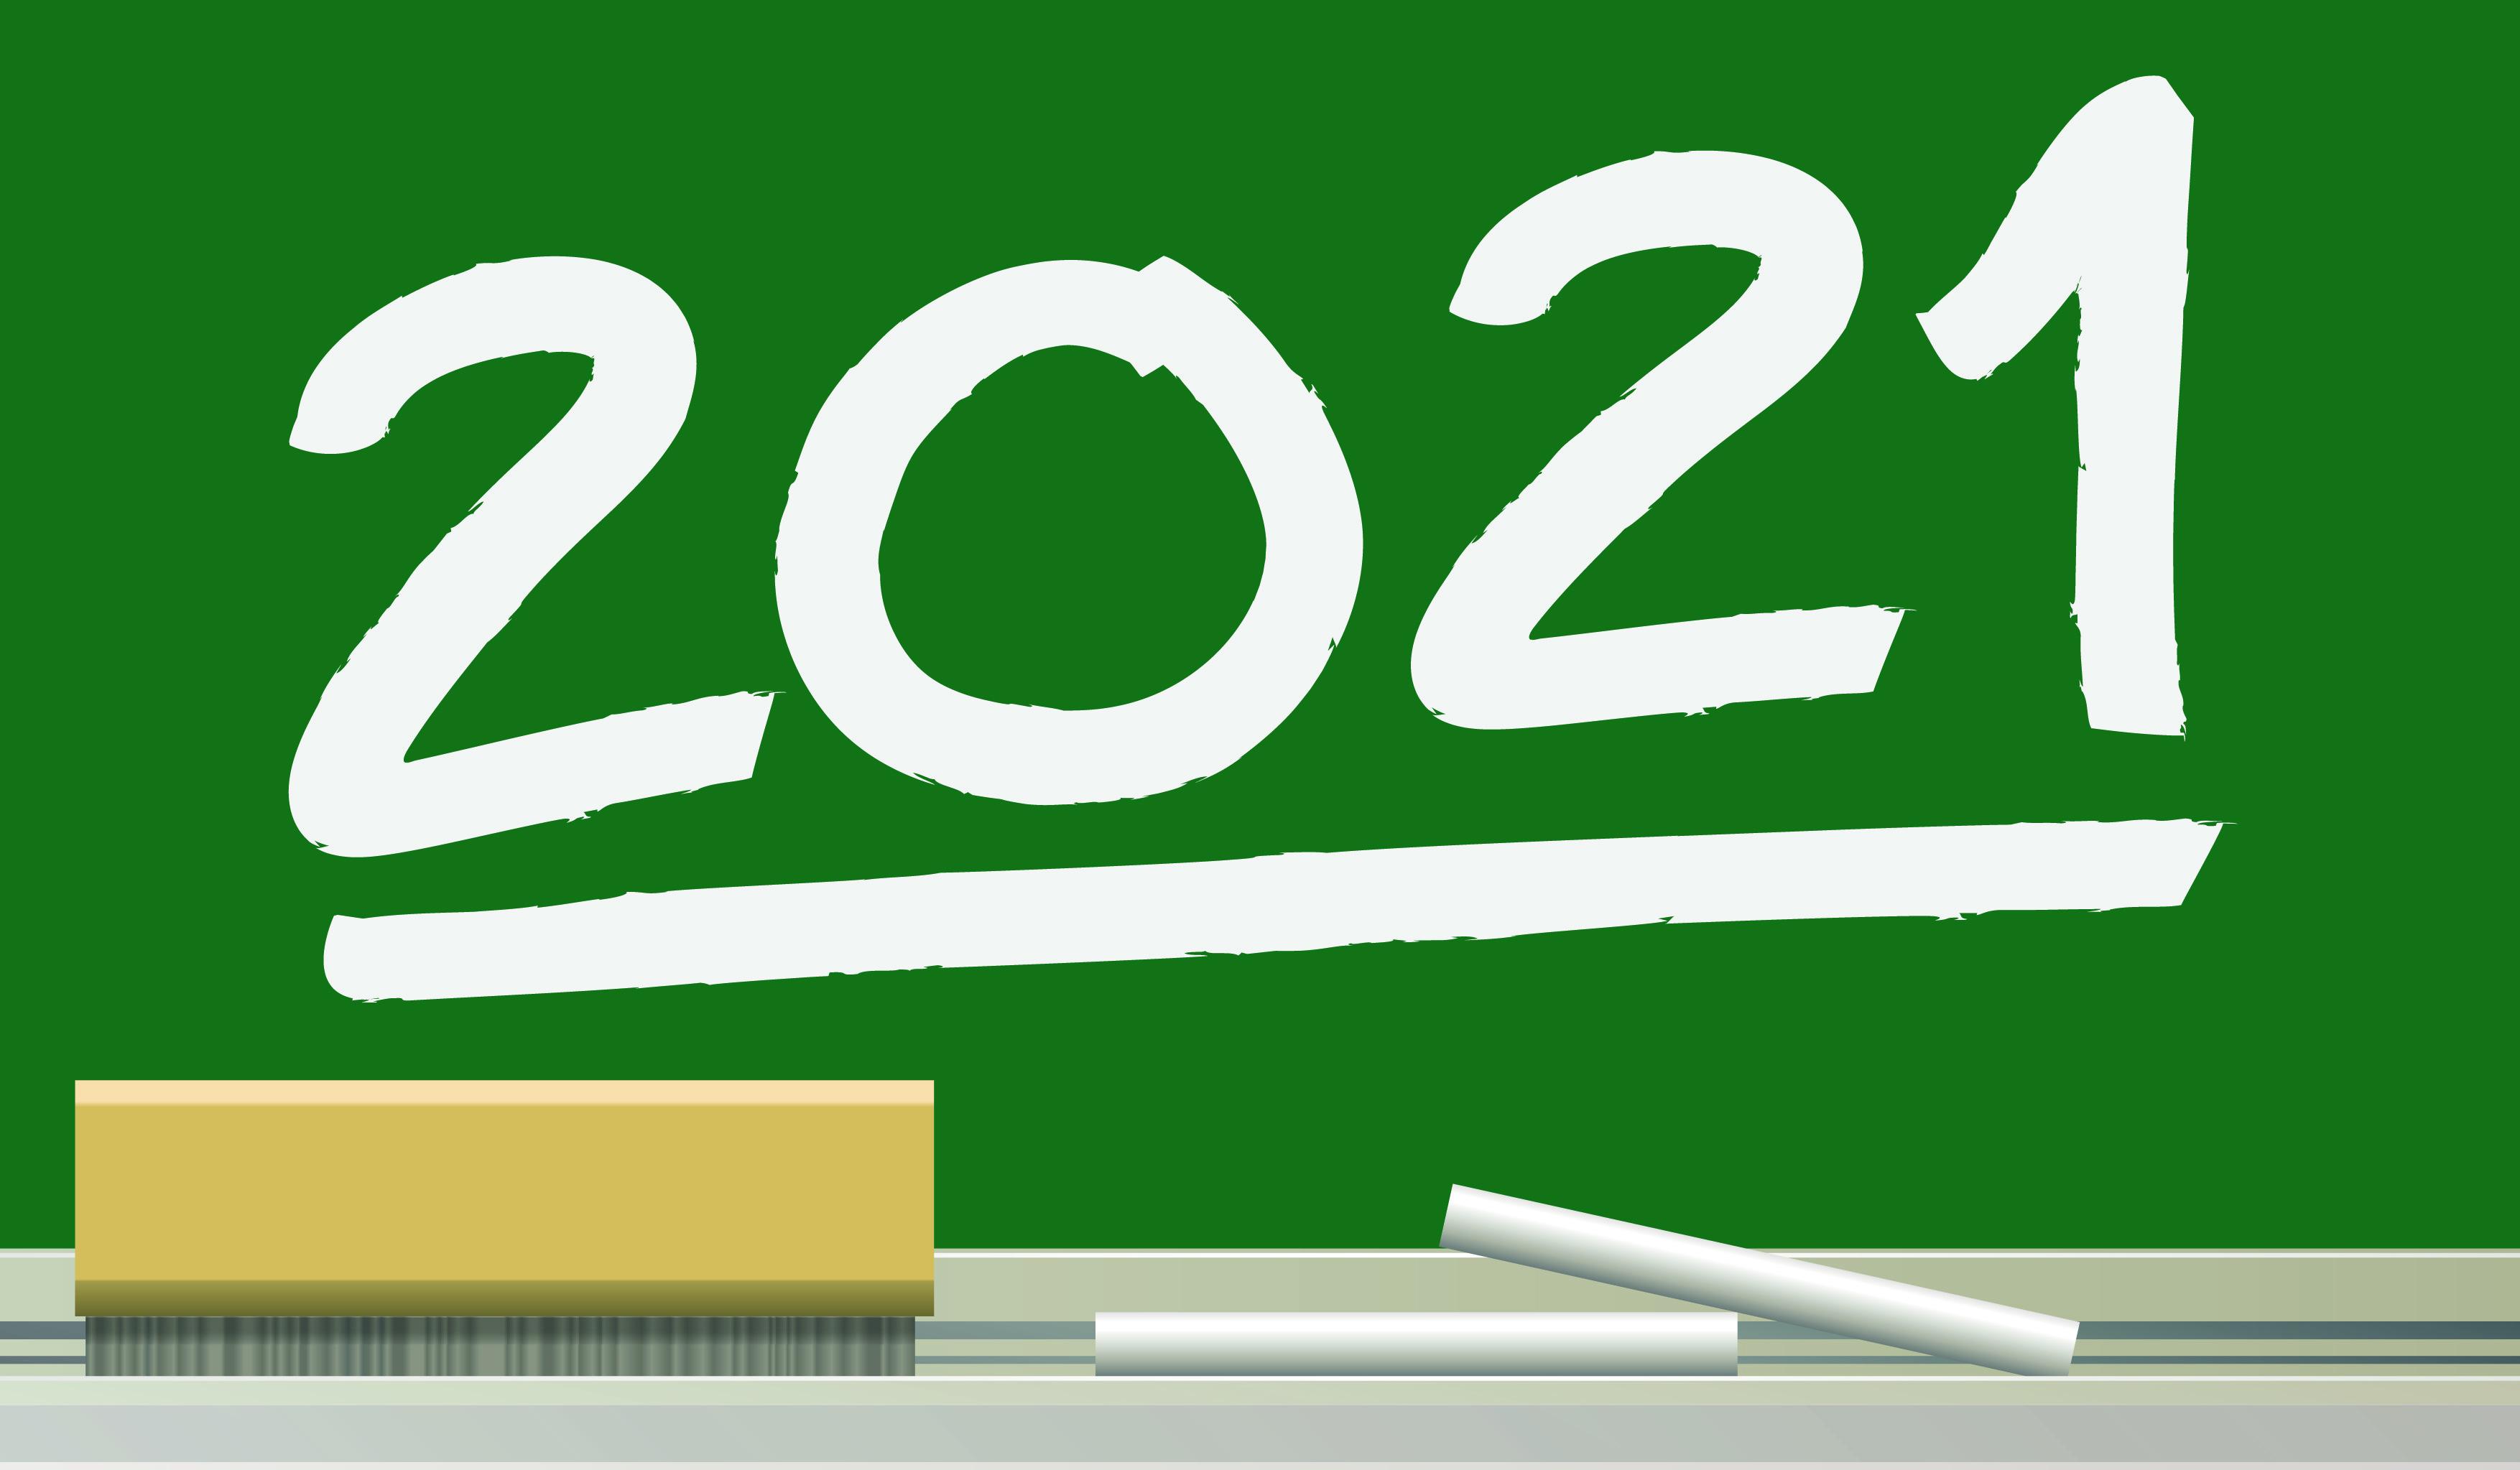 Rentrée scolaire 2021 : formulaire d'inscription